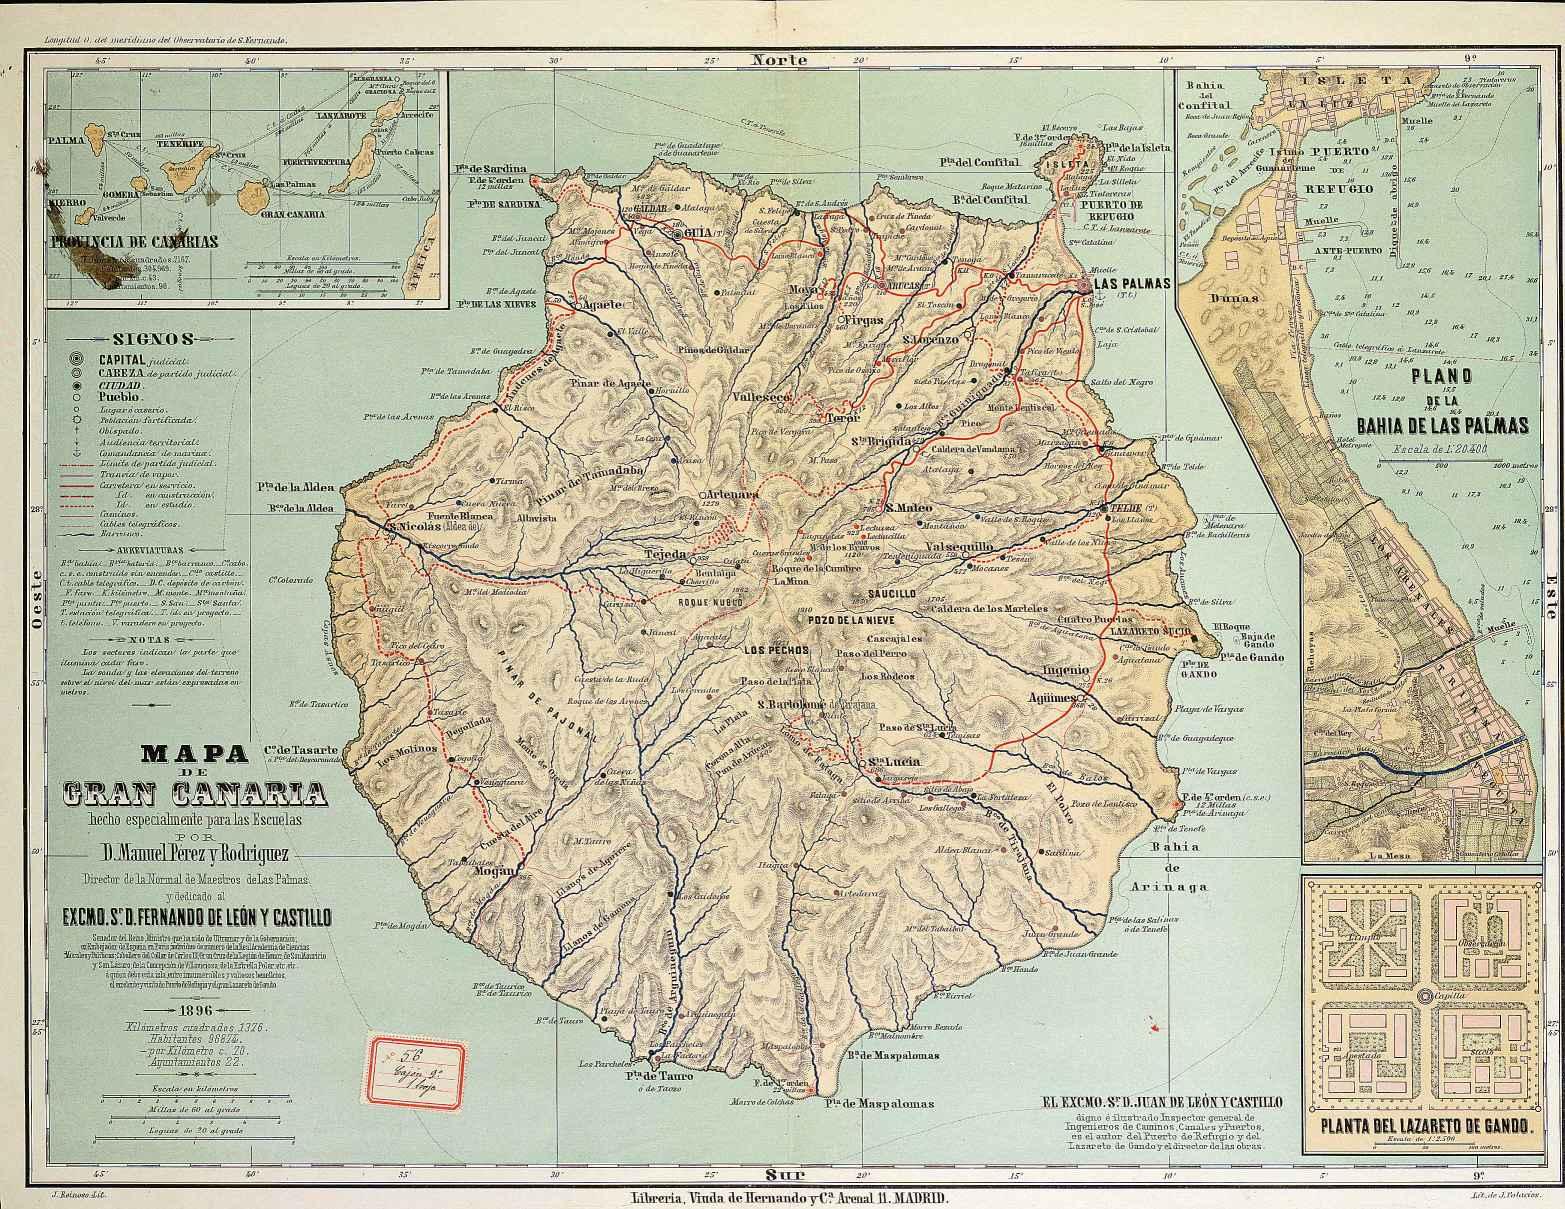 Mapa las palmas de gran canaria pdf converter